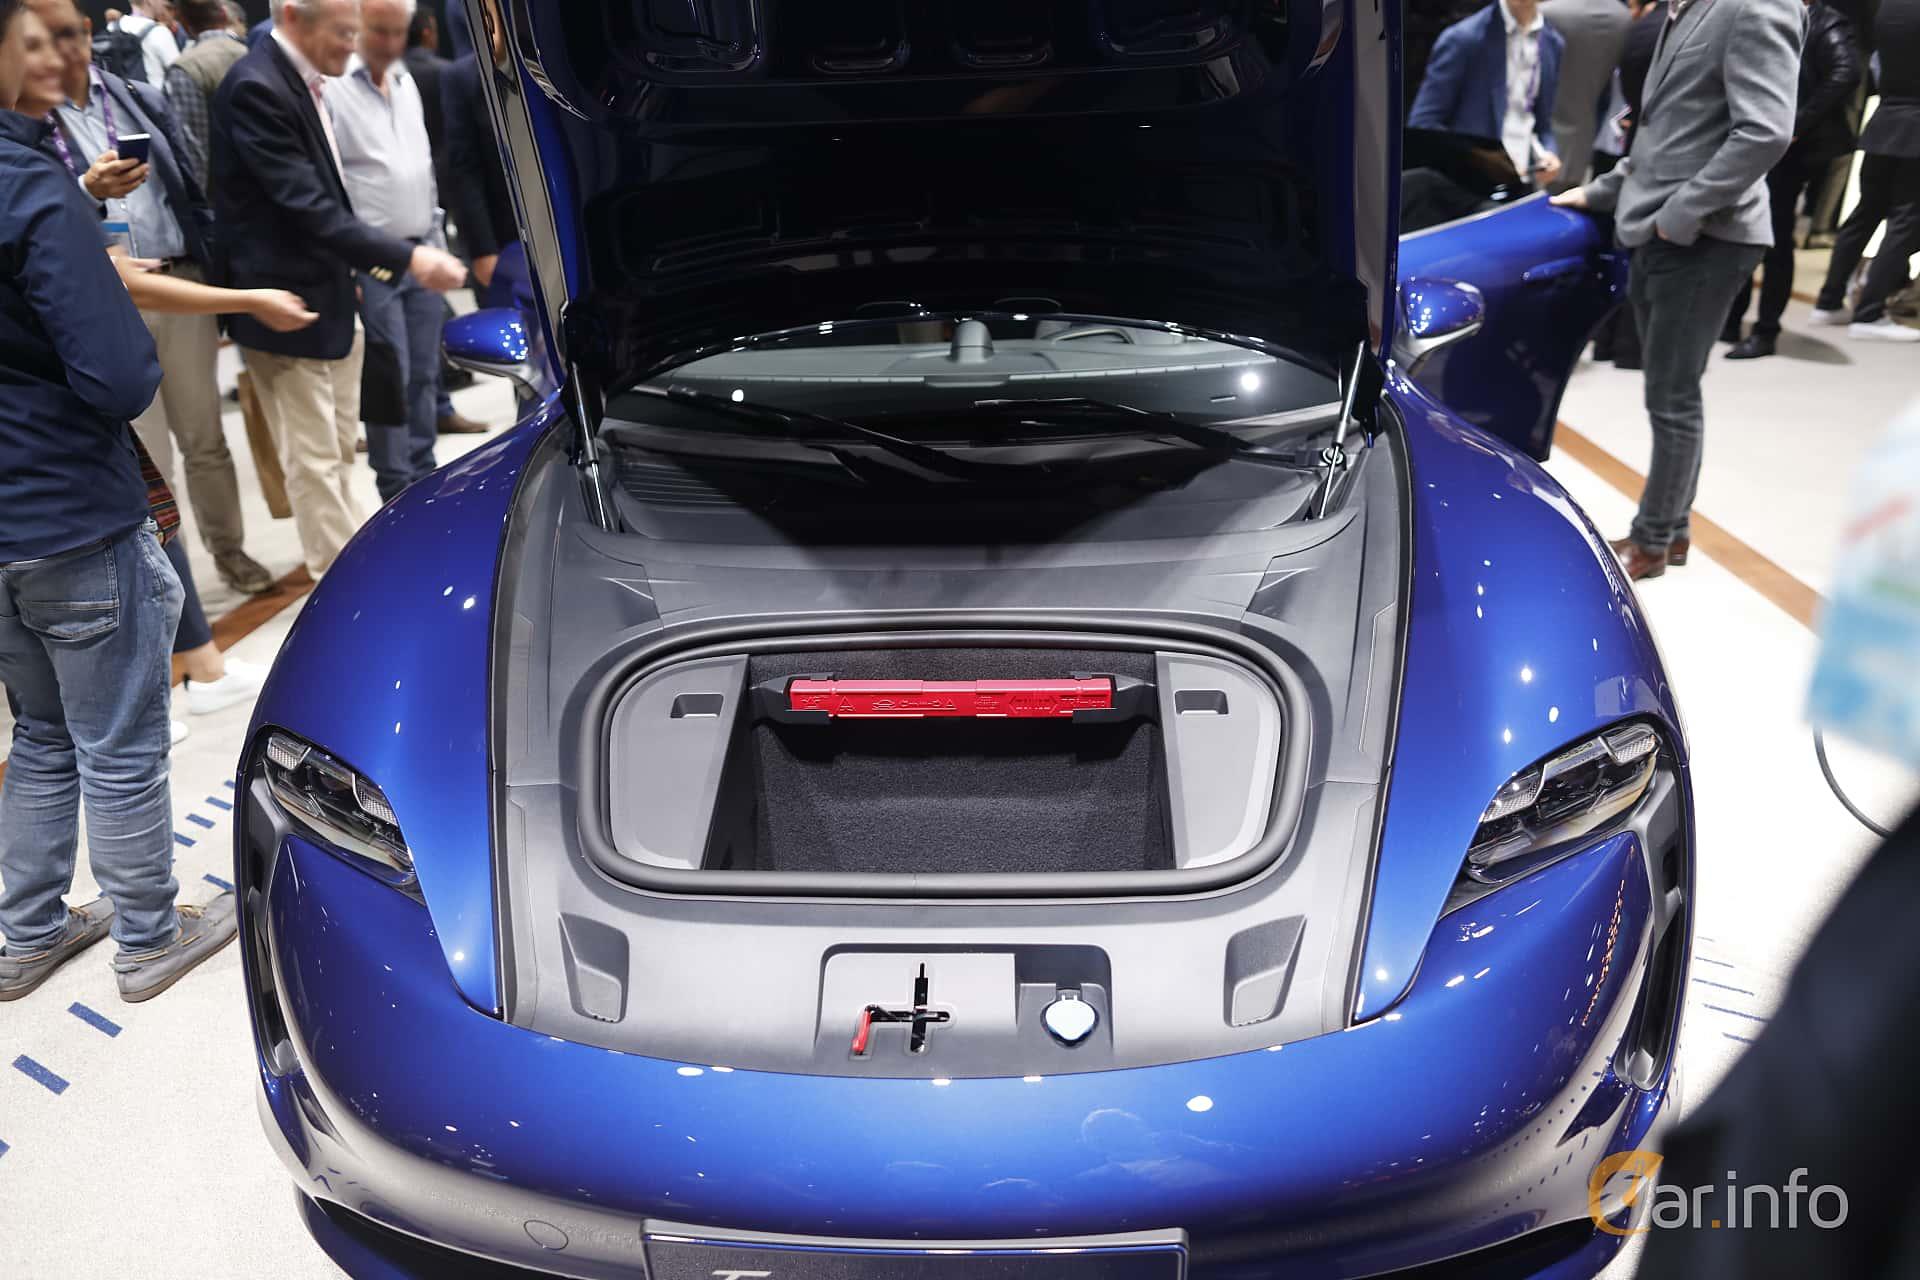 Porsche Taycan Turbo  Single Speed, 680hp, 2020 at IAA 2019